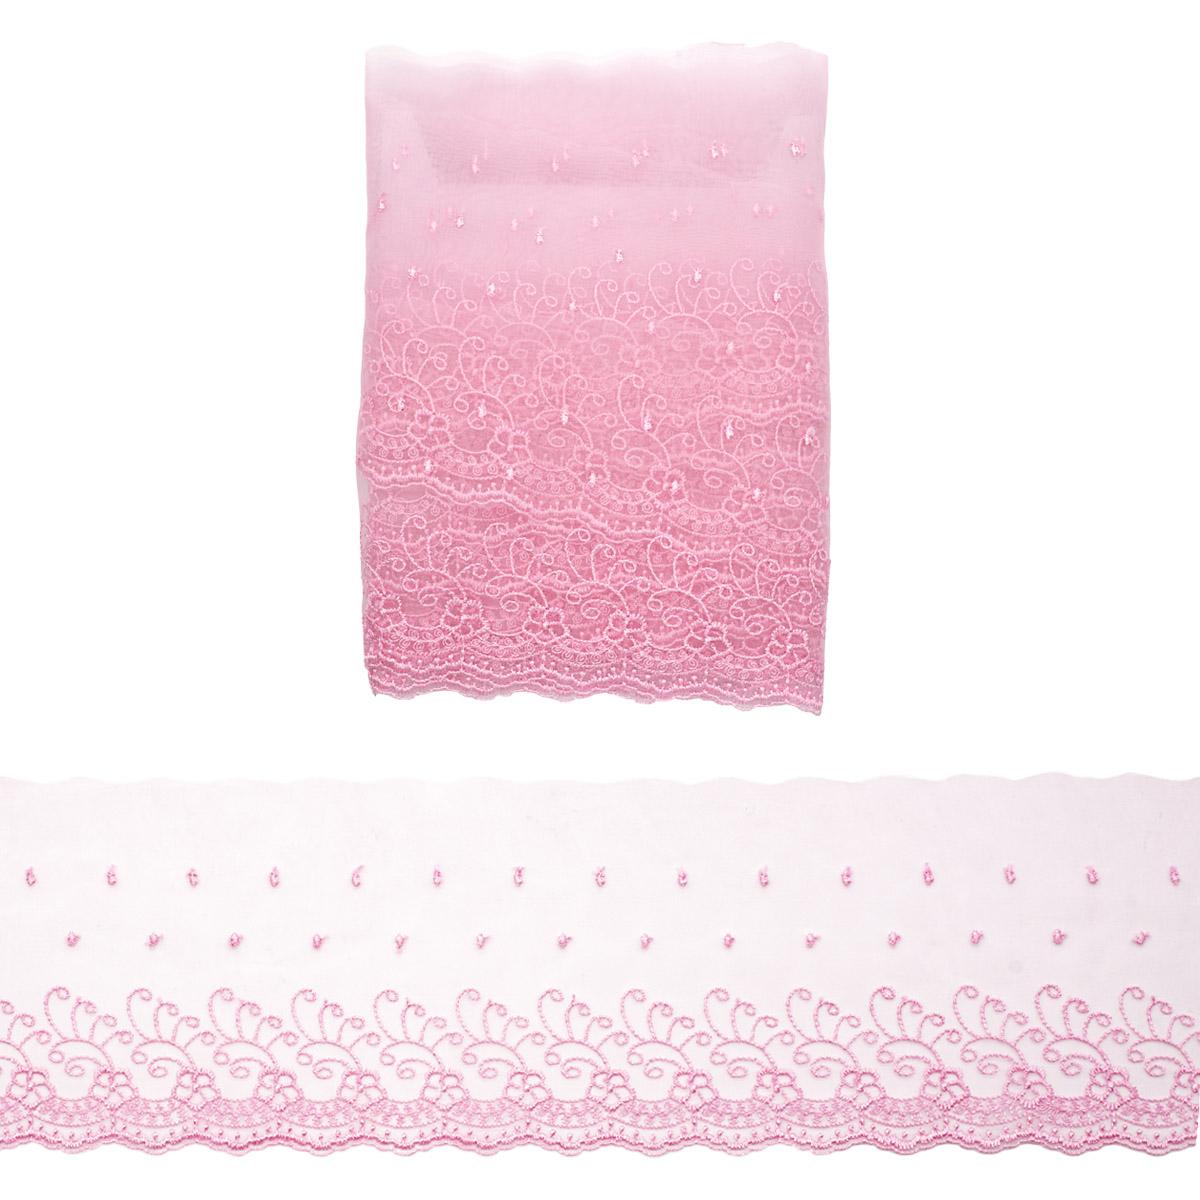 Кружево капрон 12,7см*3,4 м (+/- 4 см) 0574-5002, А549 розовый